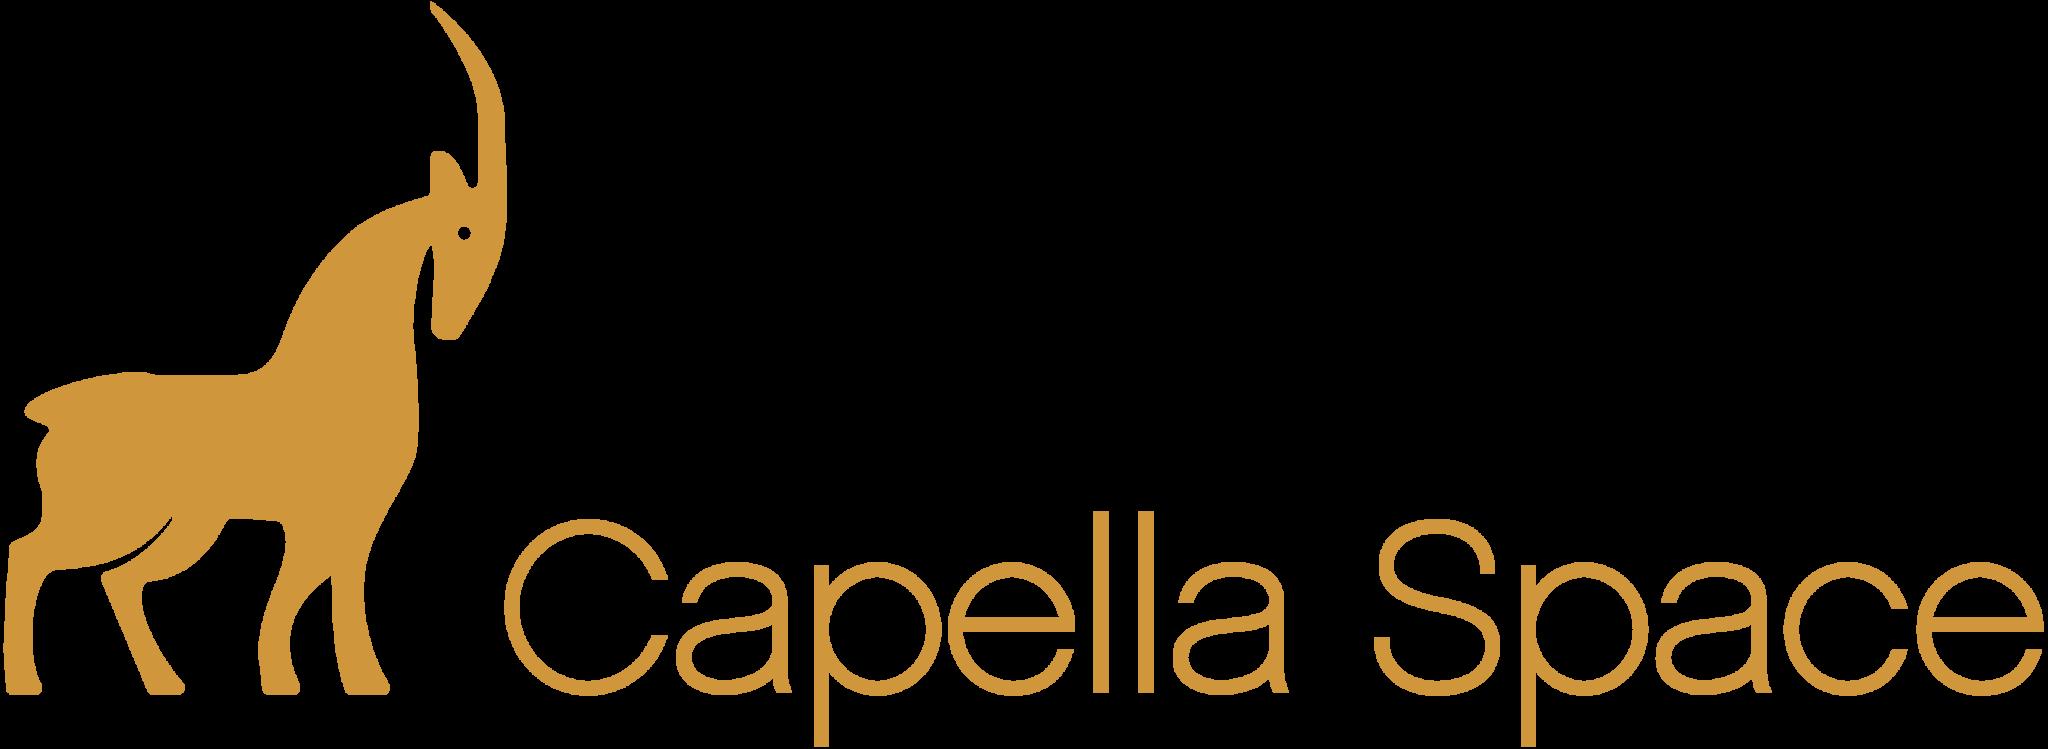 Capella Space logo